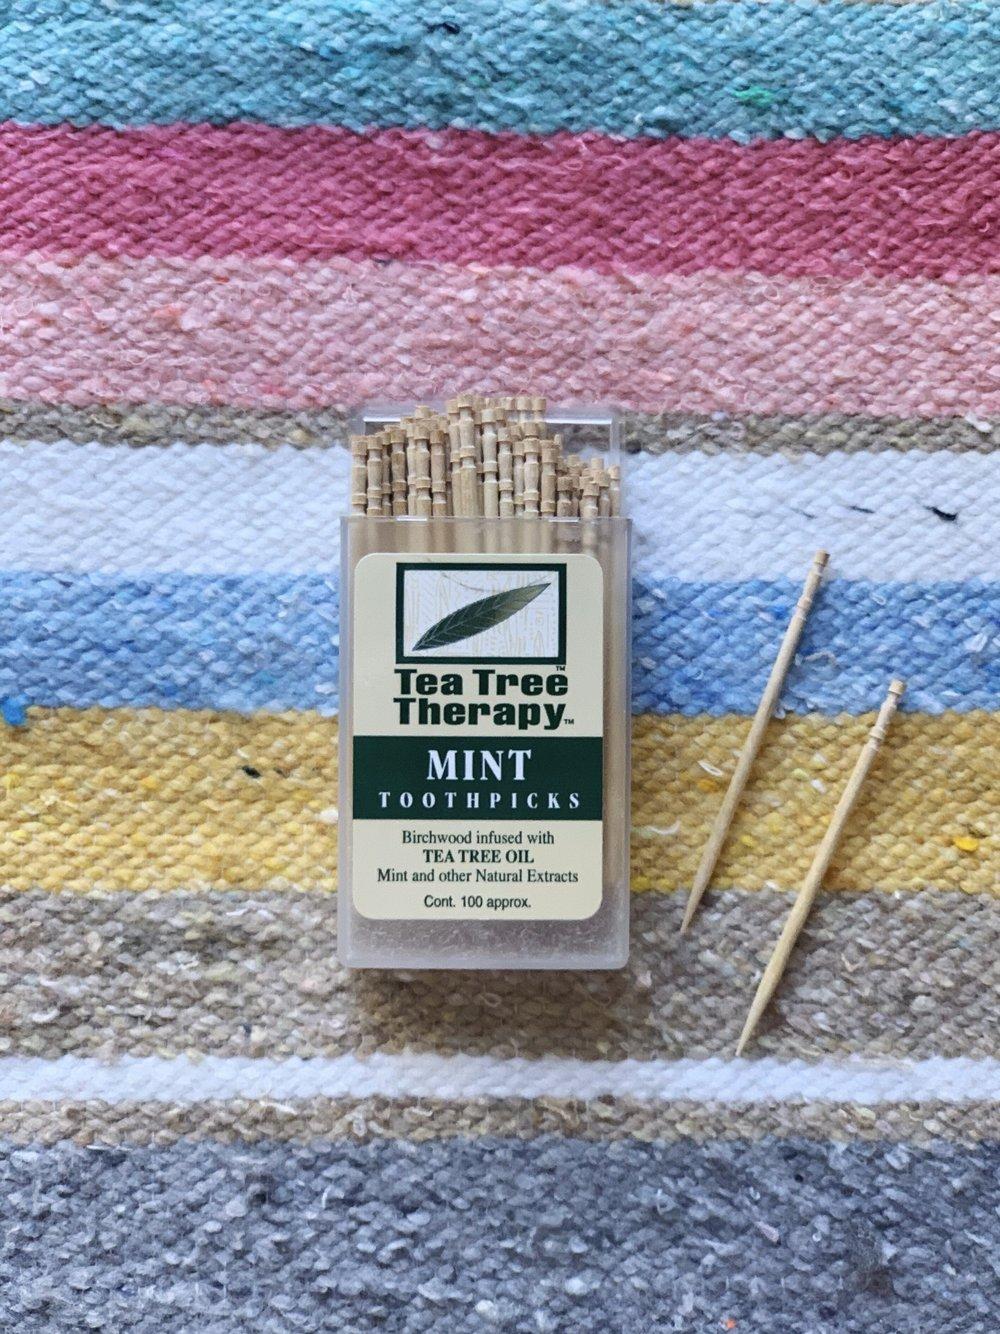 tea tree oil and mint toothpicks.jpg